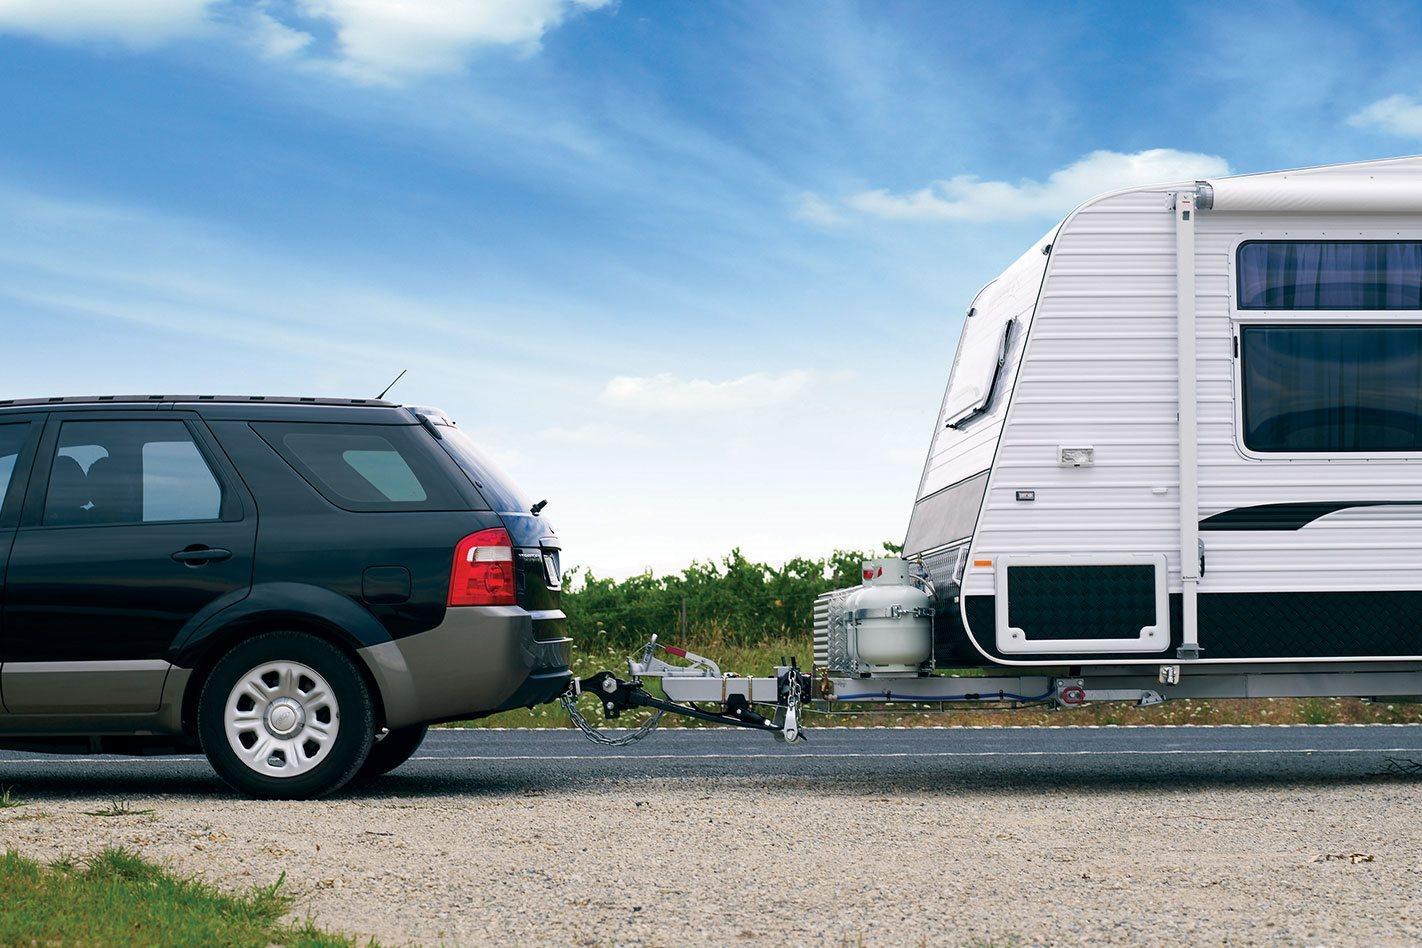 Ford Territory caravan